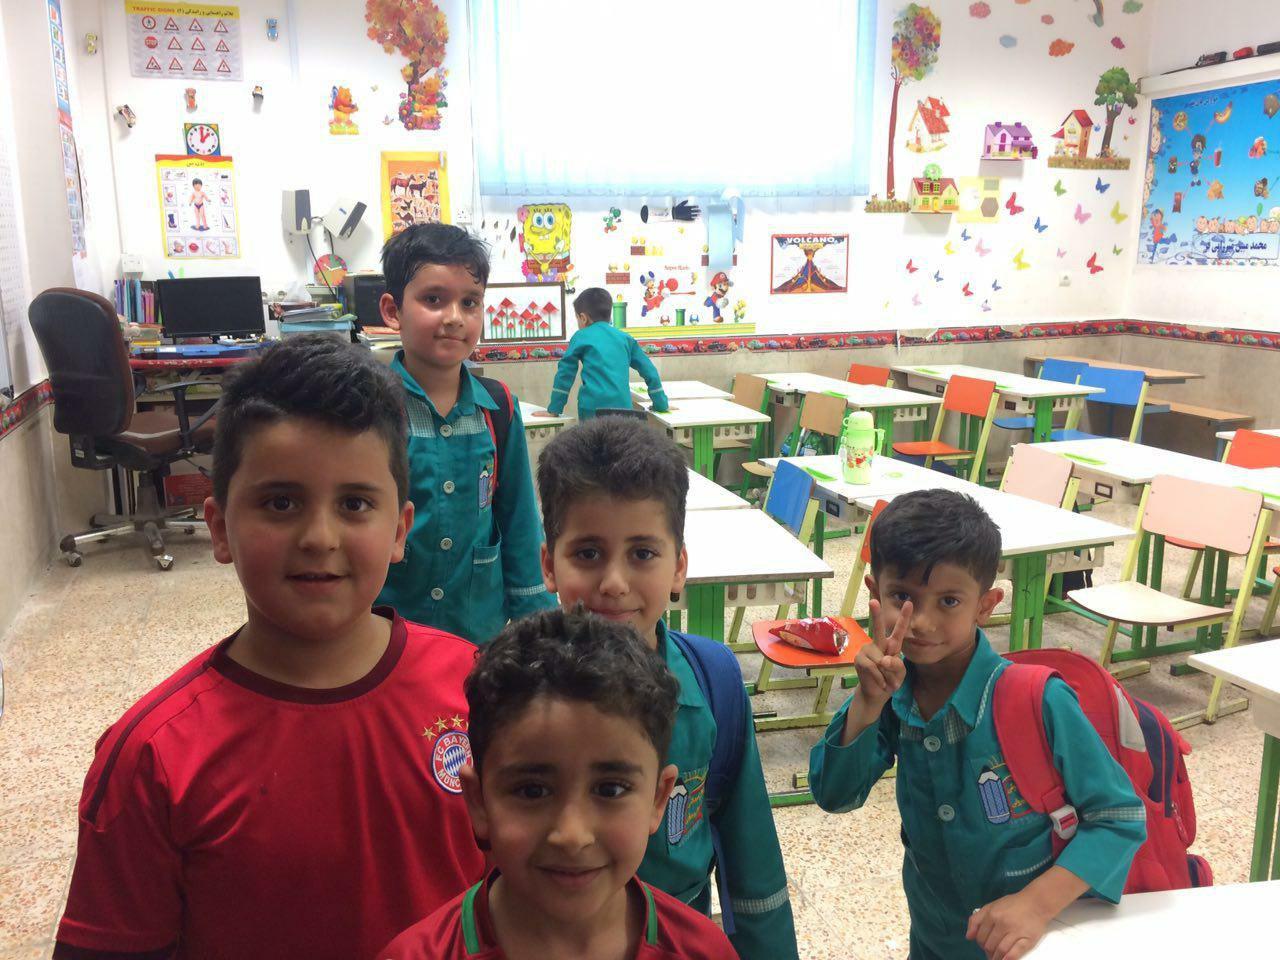 ارزیابی تجربه سه دهه ای مدارس غیر انتفاعی ایران/مدارسی برای تعلیم و تربیت یا کسب و کار؟/برخی مدارس غیر دولتی شهریه 25 میلیون تومانی دریافت می کنند